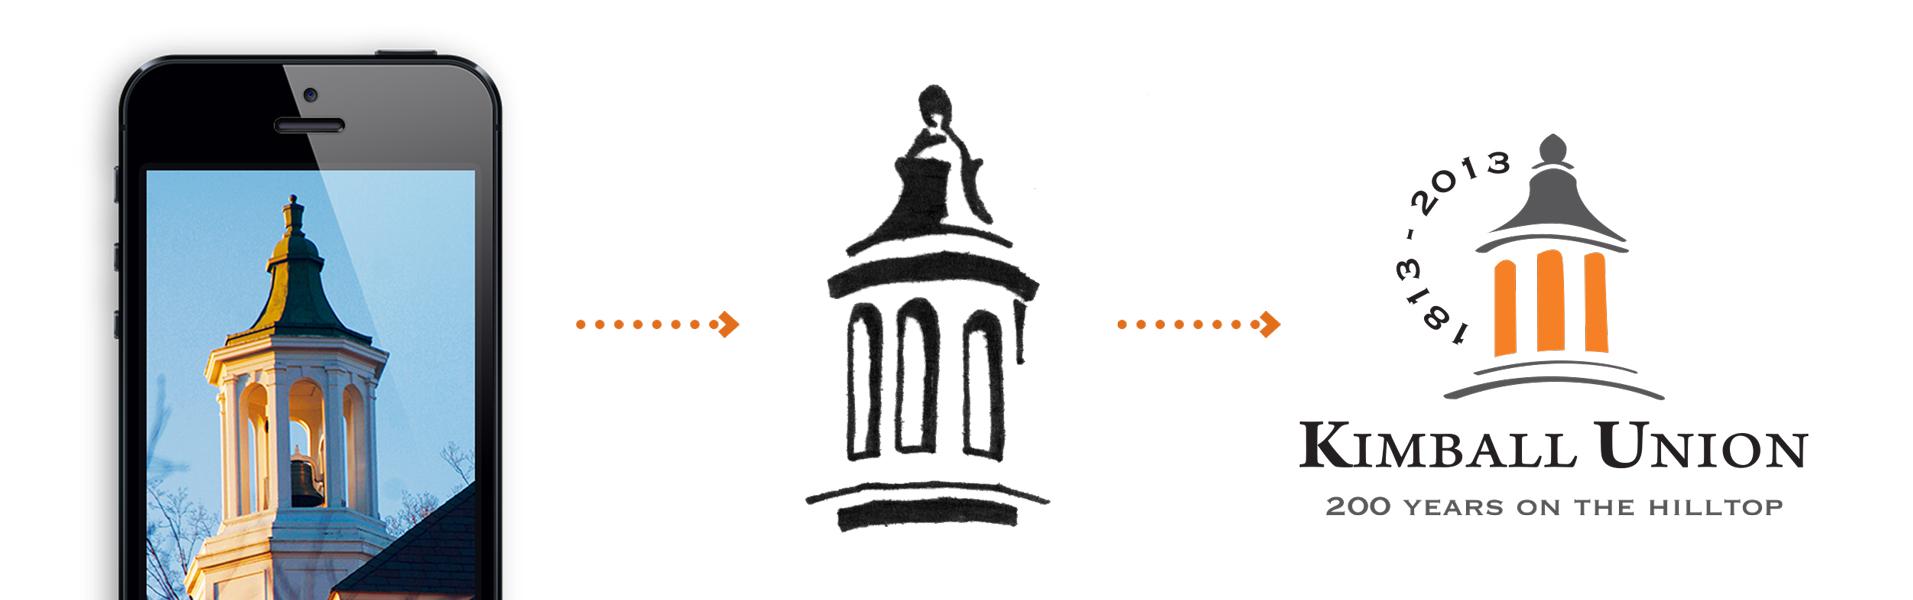 ideation of the KUA bicentennial logo